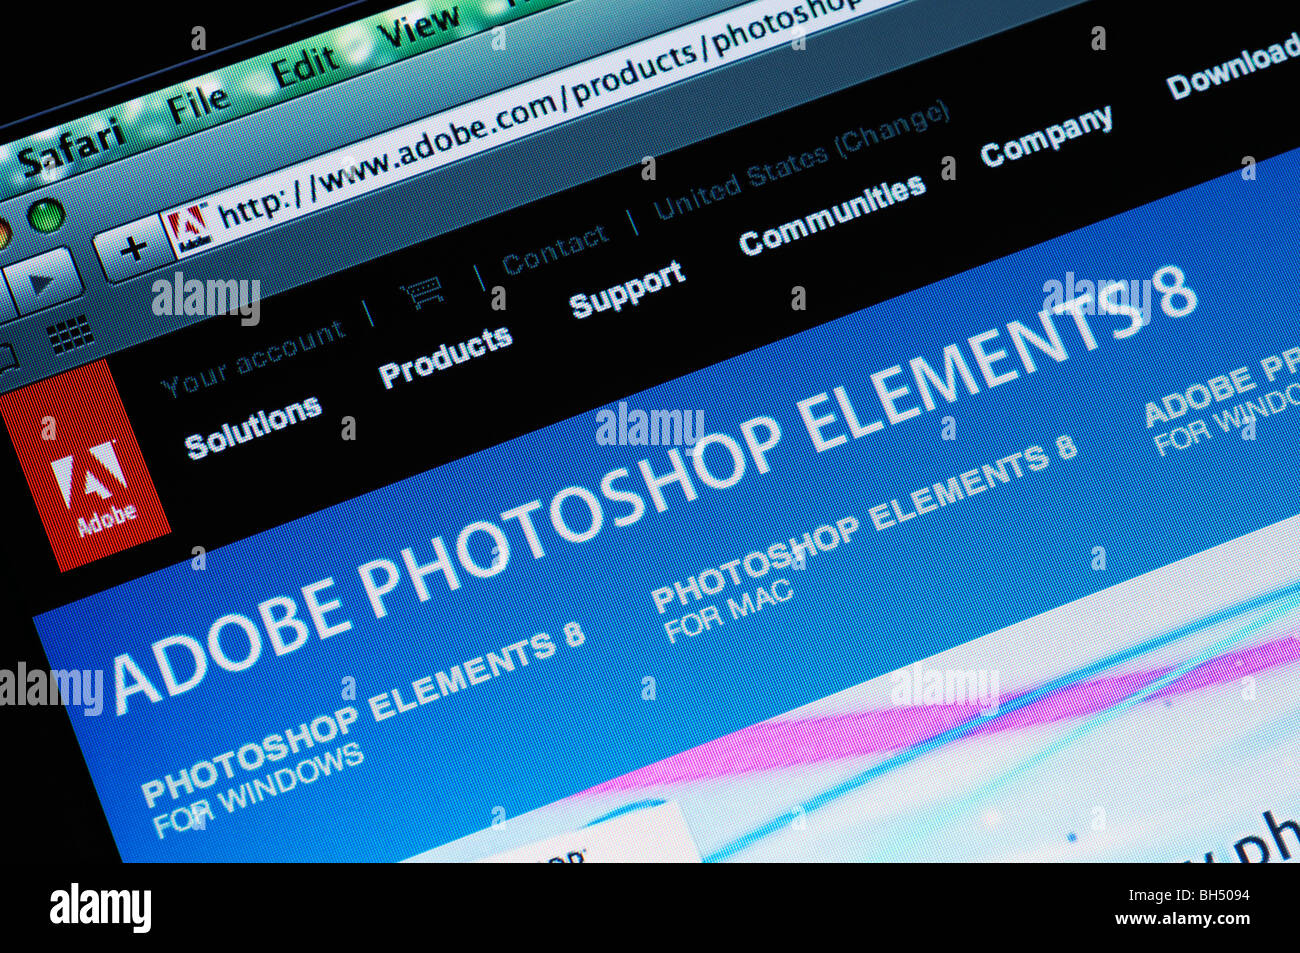 Adobe Photoshop Elements website - Stock Image